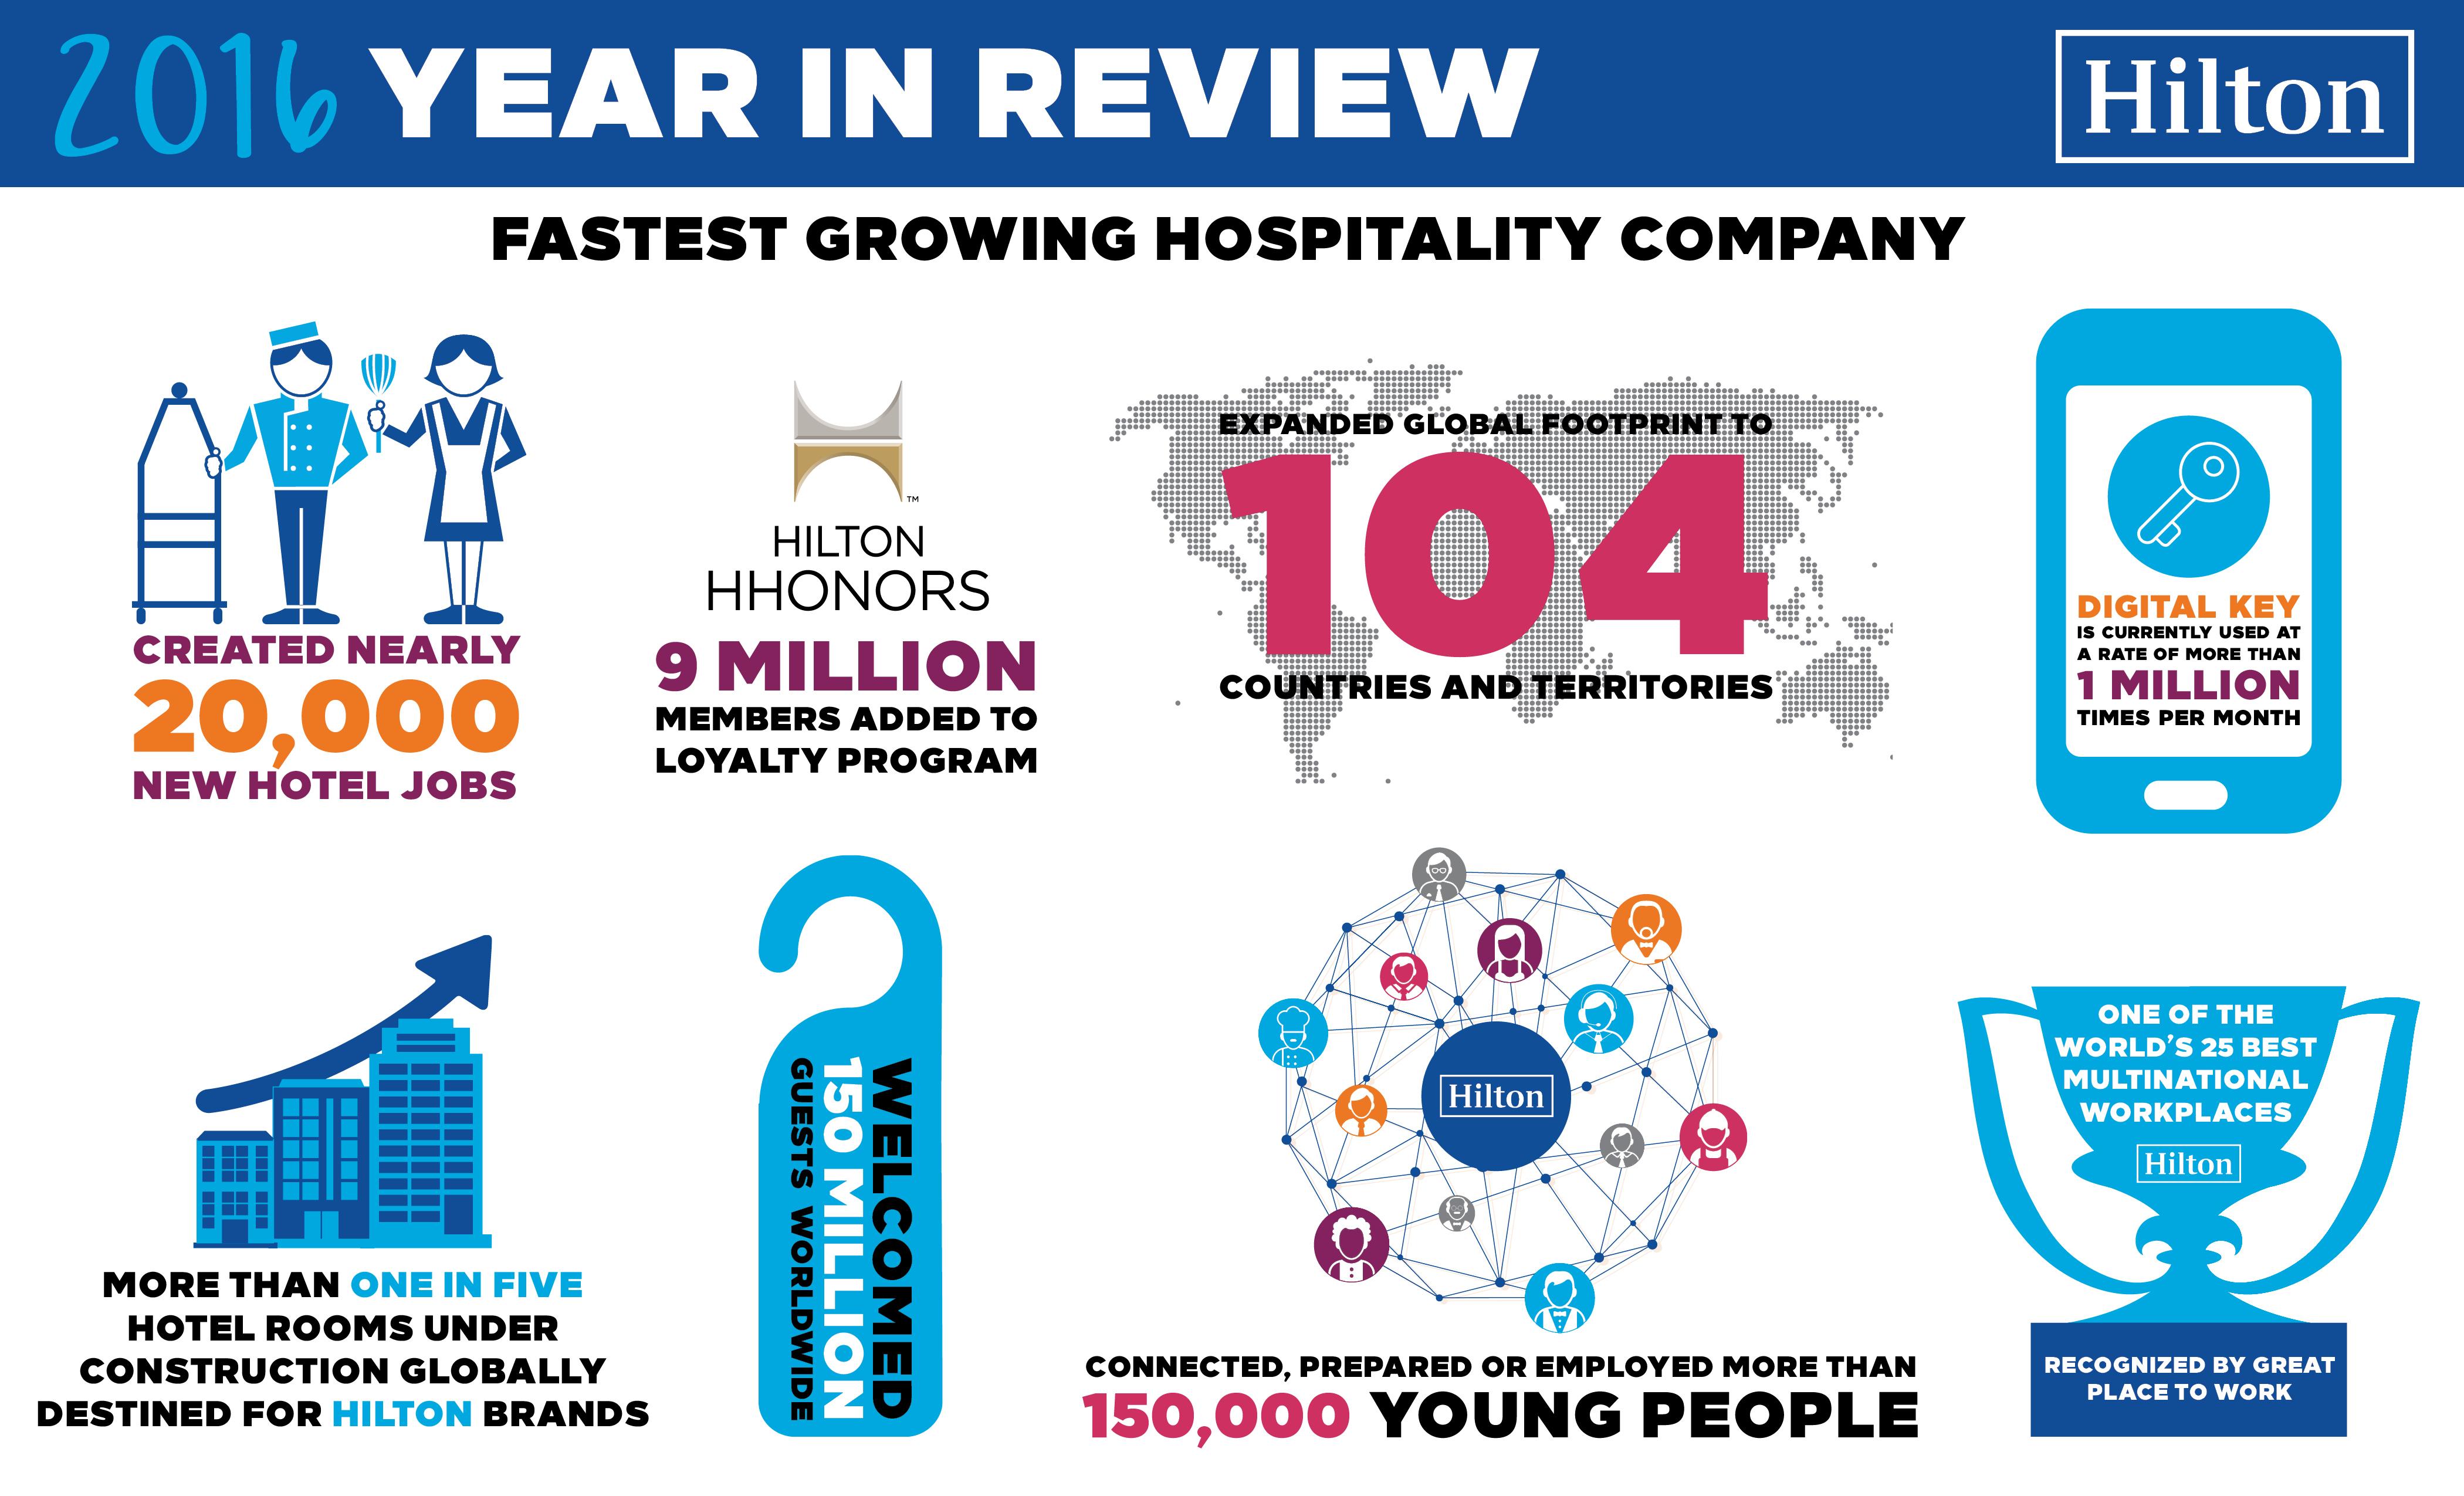 Hilton Erzielt Weiteres Rekordjahr Und Wird Voraussichtlich Auch